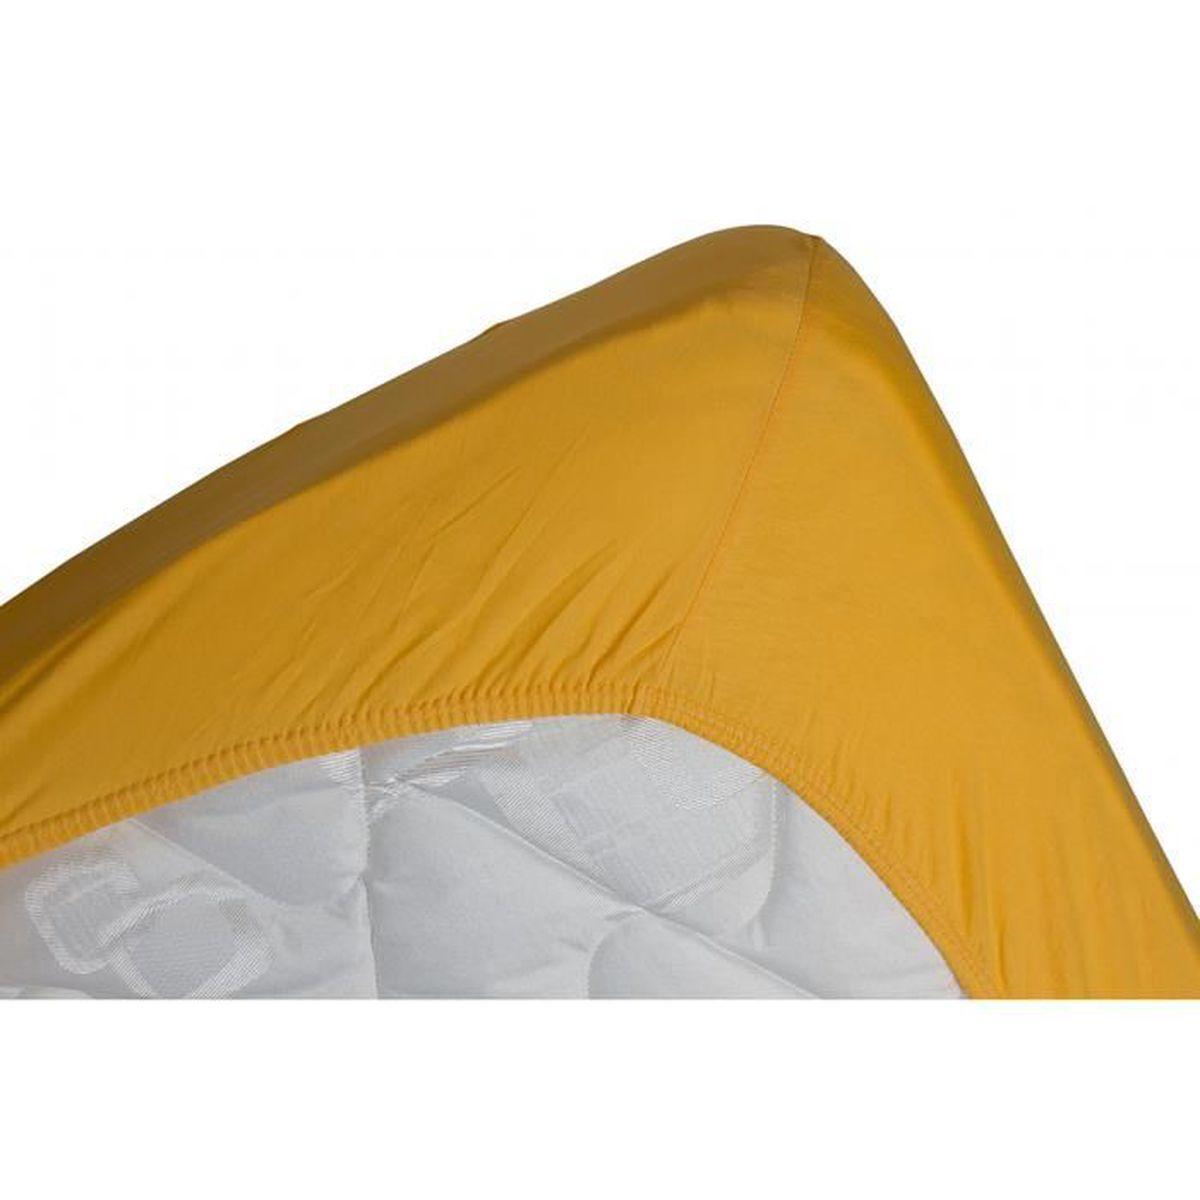 drap housse jaune Drap housse jersey extensible DOUCEUR jaune or   70x190   Achat  drap housse jaune